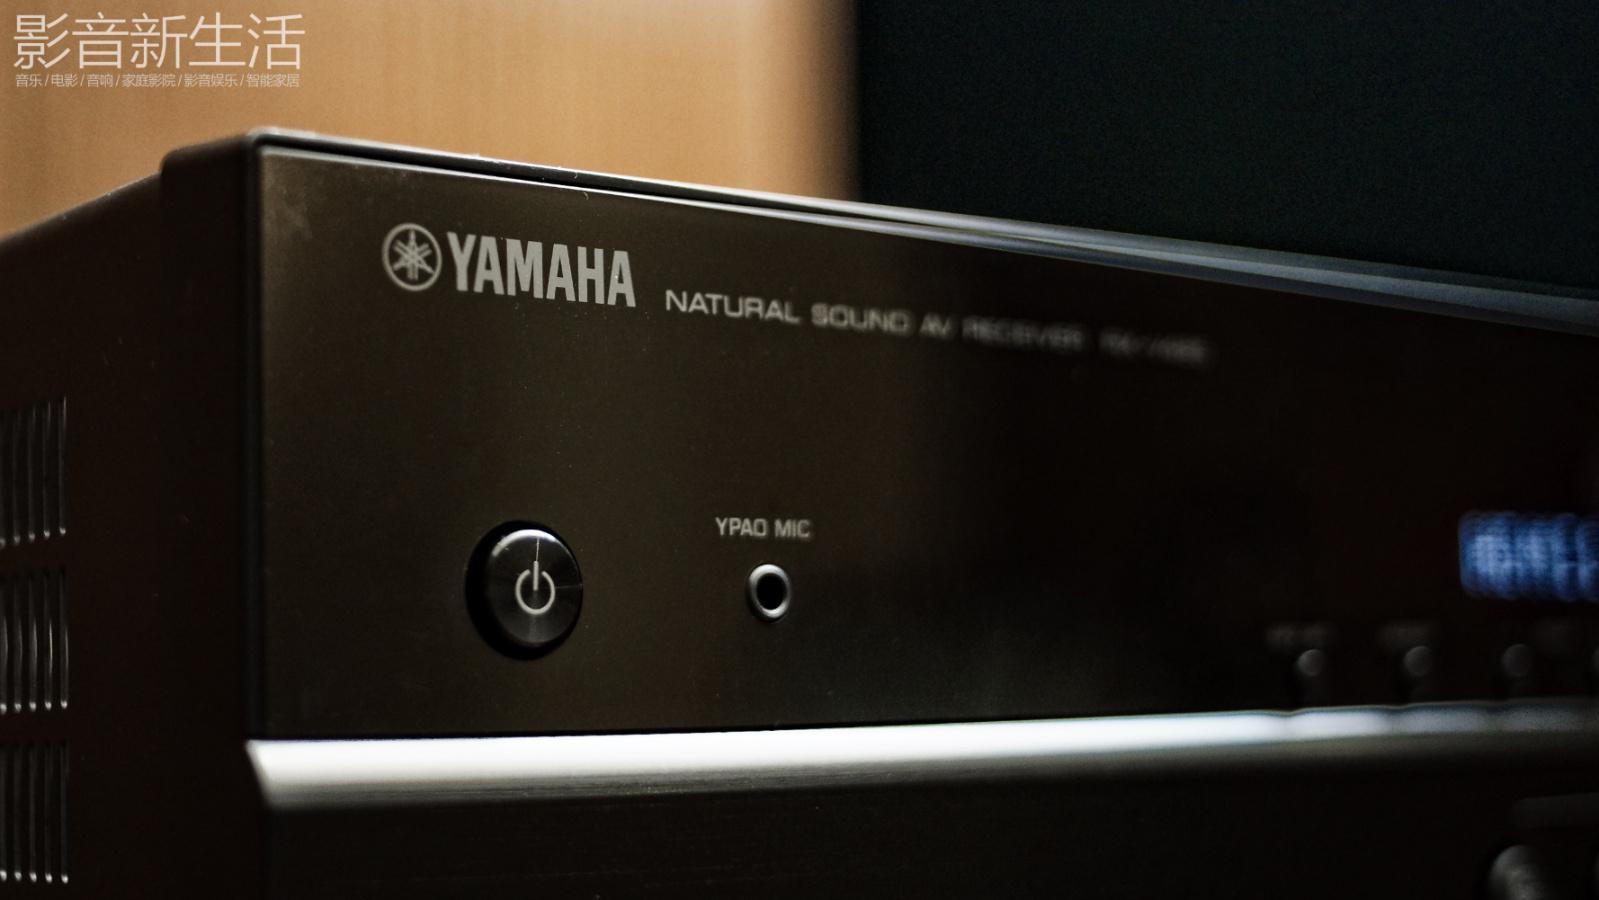 """推荐   """"超值的网络AV功放,支持最新环绕声格式与Hi-Res音乐播放"""" Yamaha 雅马哈 RX-V485"""